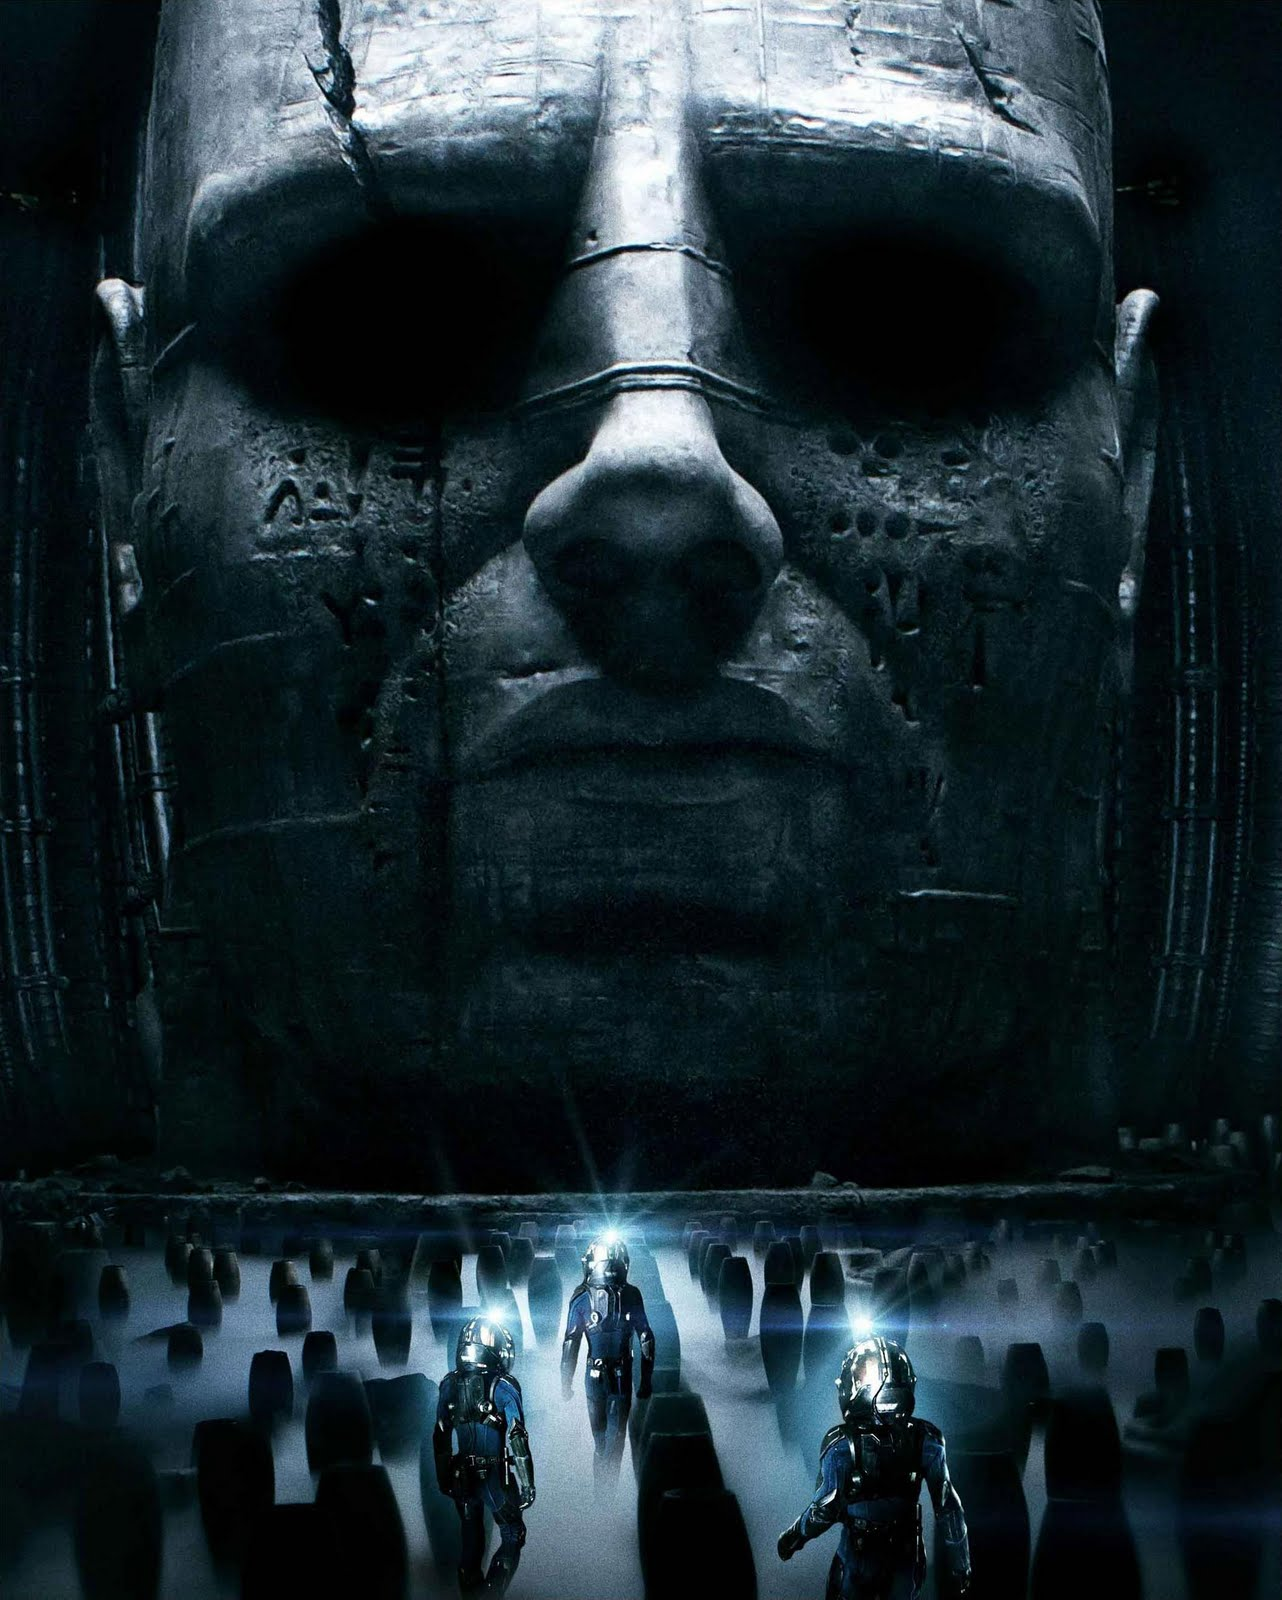 http://3.bp.blogspot.com/-f-OFuqd_okE/Ttqu19lPj8I/AAAAAAAAAEo/2S7Cv8jIna8/s1600/Prometheus_movie_03.jpg